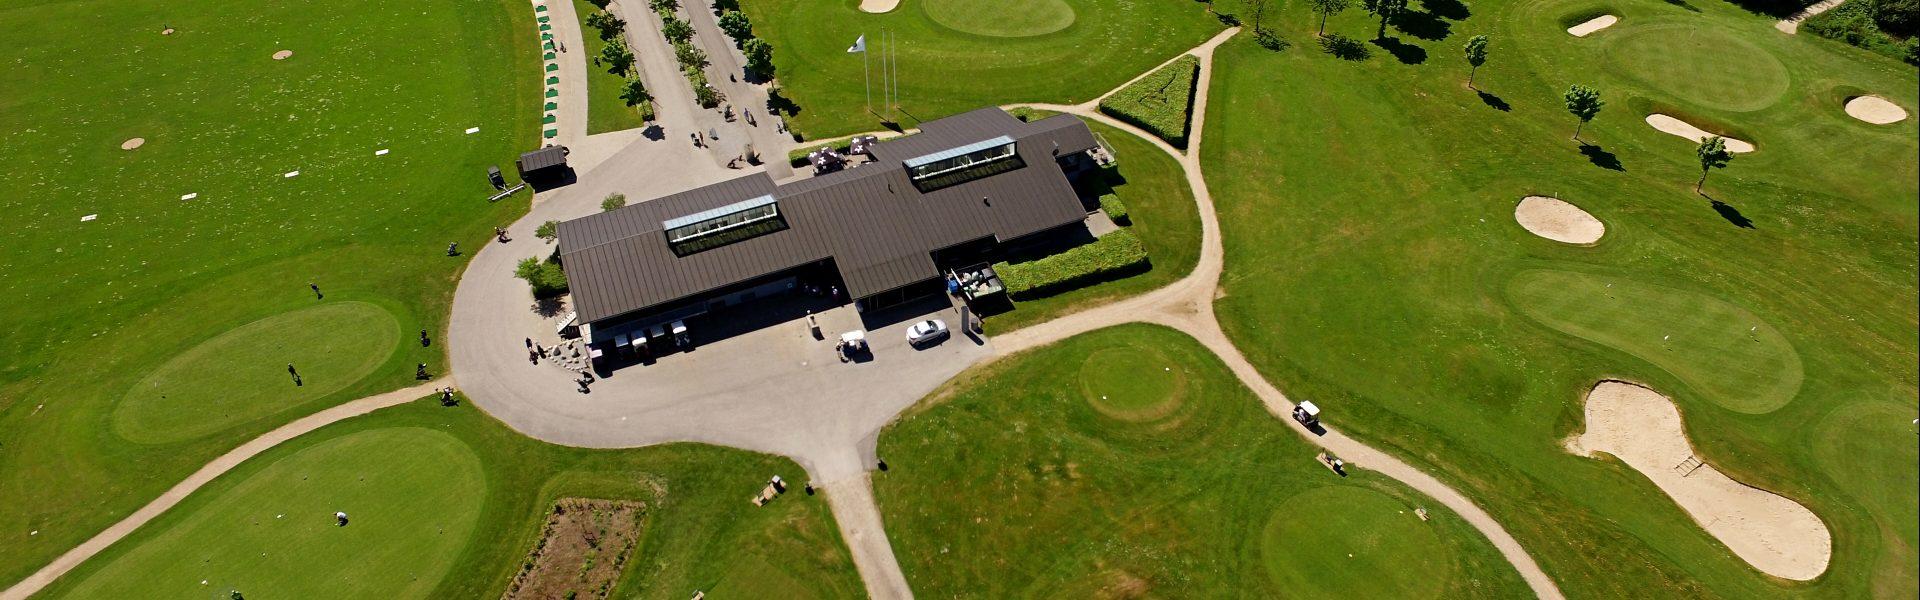 Bliv medlem af Brønderslev Golfklub